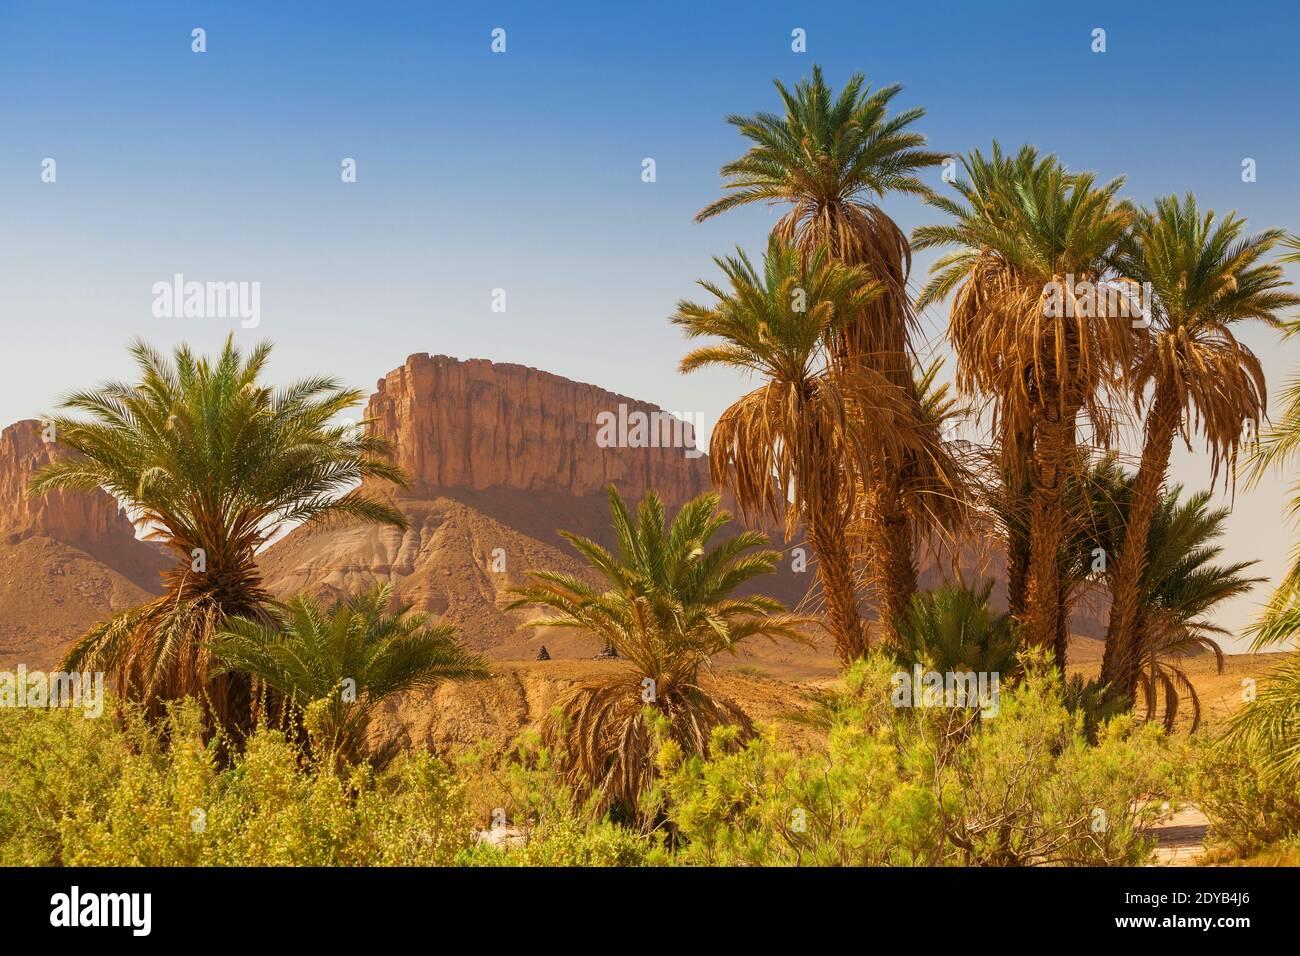 Montañas en el desierto del Sáhara visto desde un oasis con palmeras. Marruecos África Foto de stock